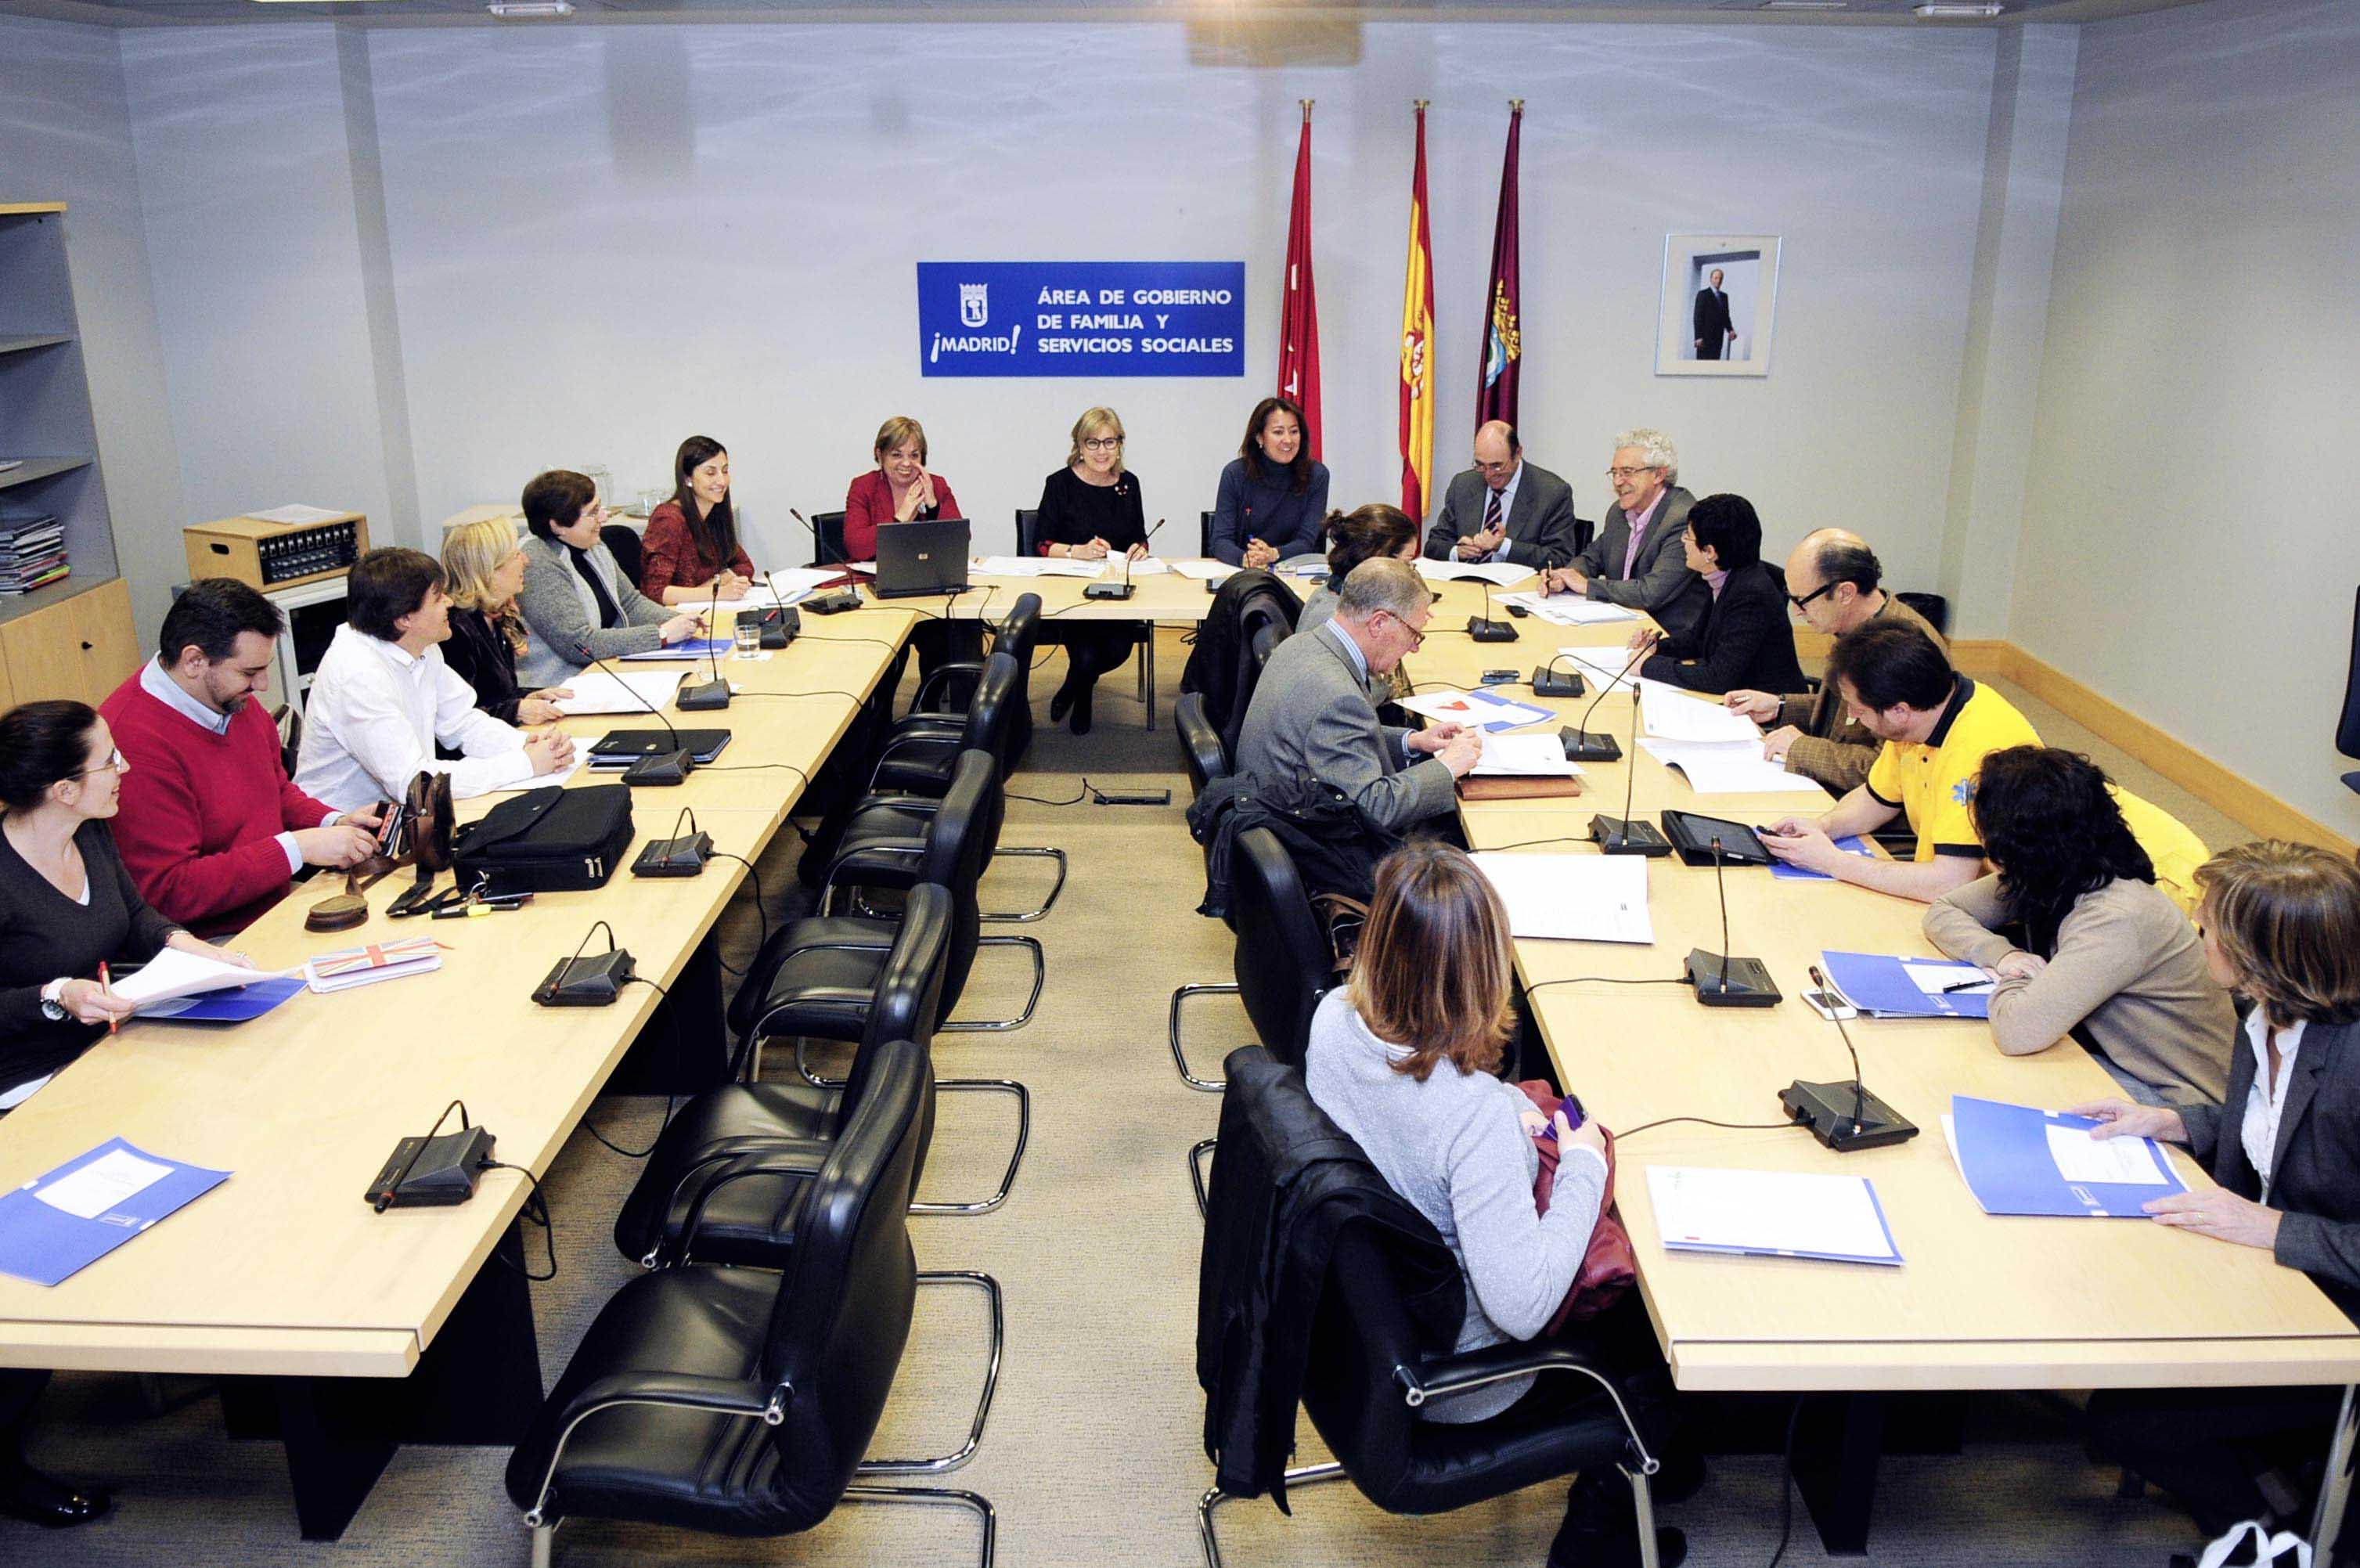 Dolores navarro preside el foro del voluntariado ayuntamiento de madrid - Voluntariado madrid comedores sociales ...